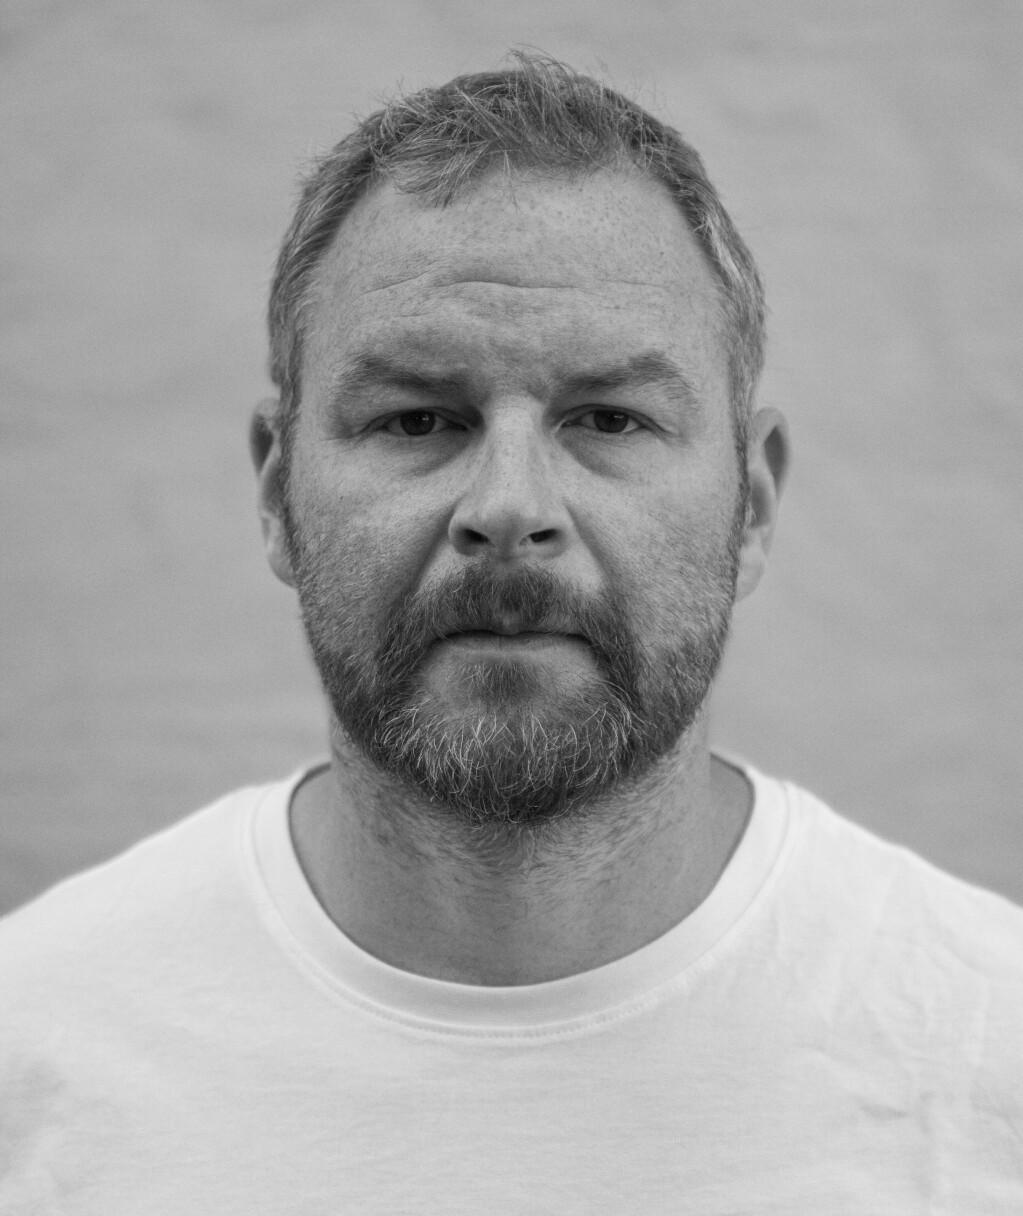 STILTE OPP: Hjemme hadde Marcus Reigstad Johansen en halvt år gammel sønn og en kone med prolaps i ryggen. Han var likevel aldri i tvil om han skulle stille opp 22. juli 2011.